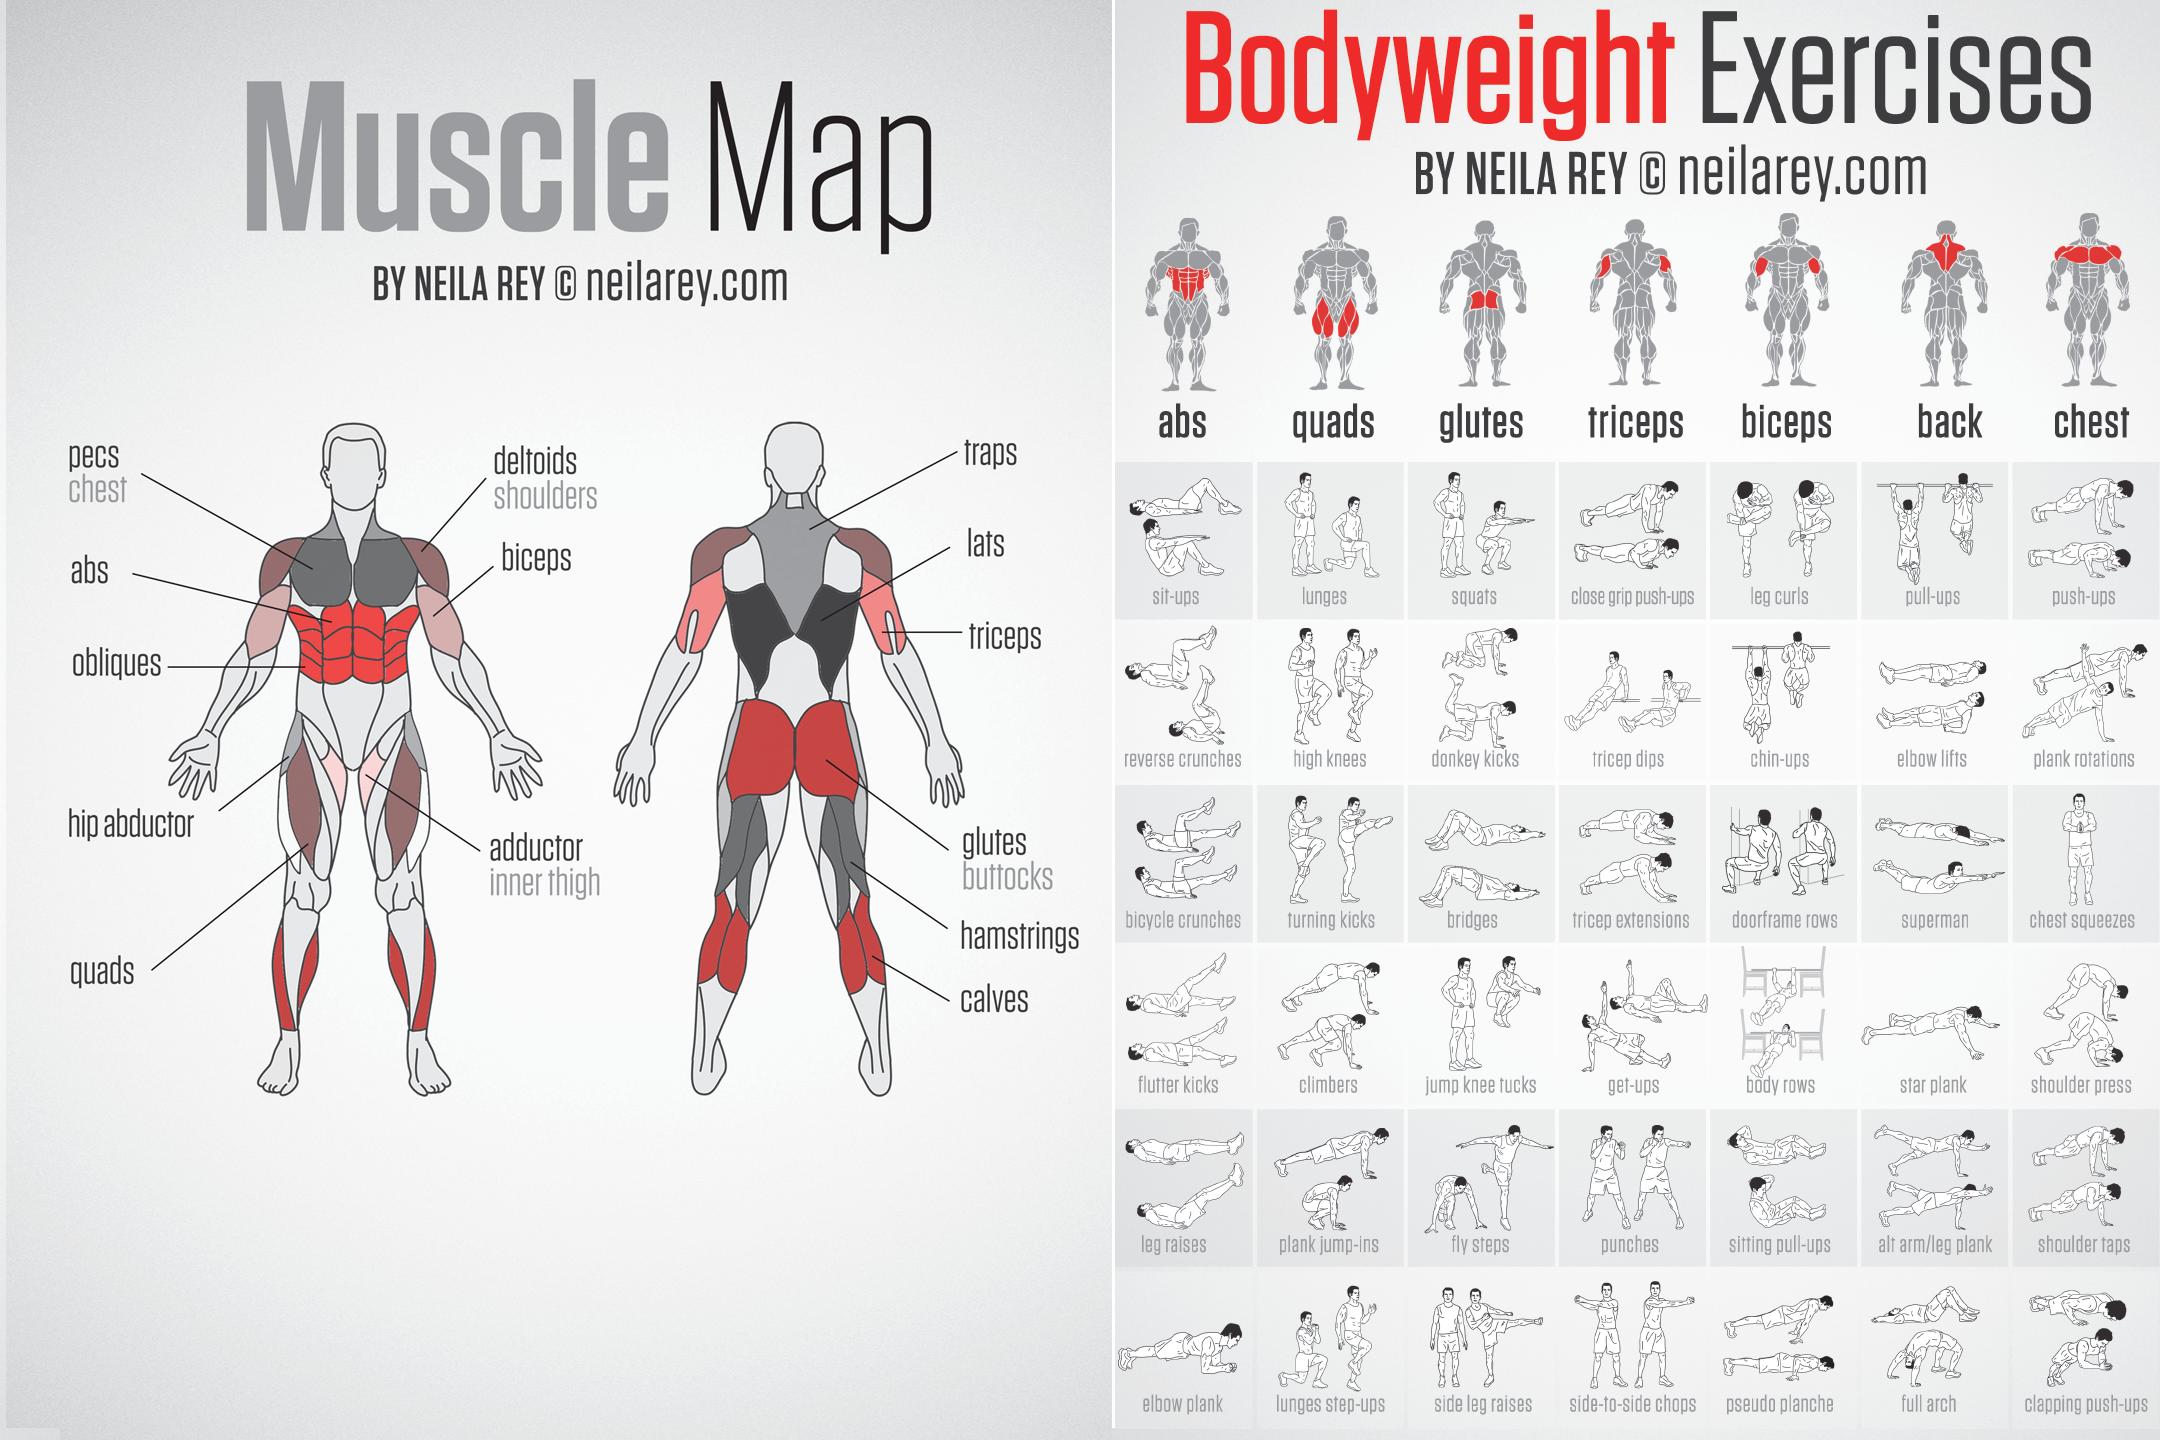 Мышцы кора: 5 лучших упражнений для мужчин и девушек